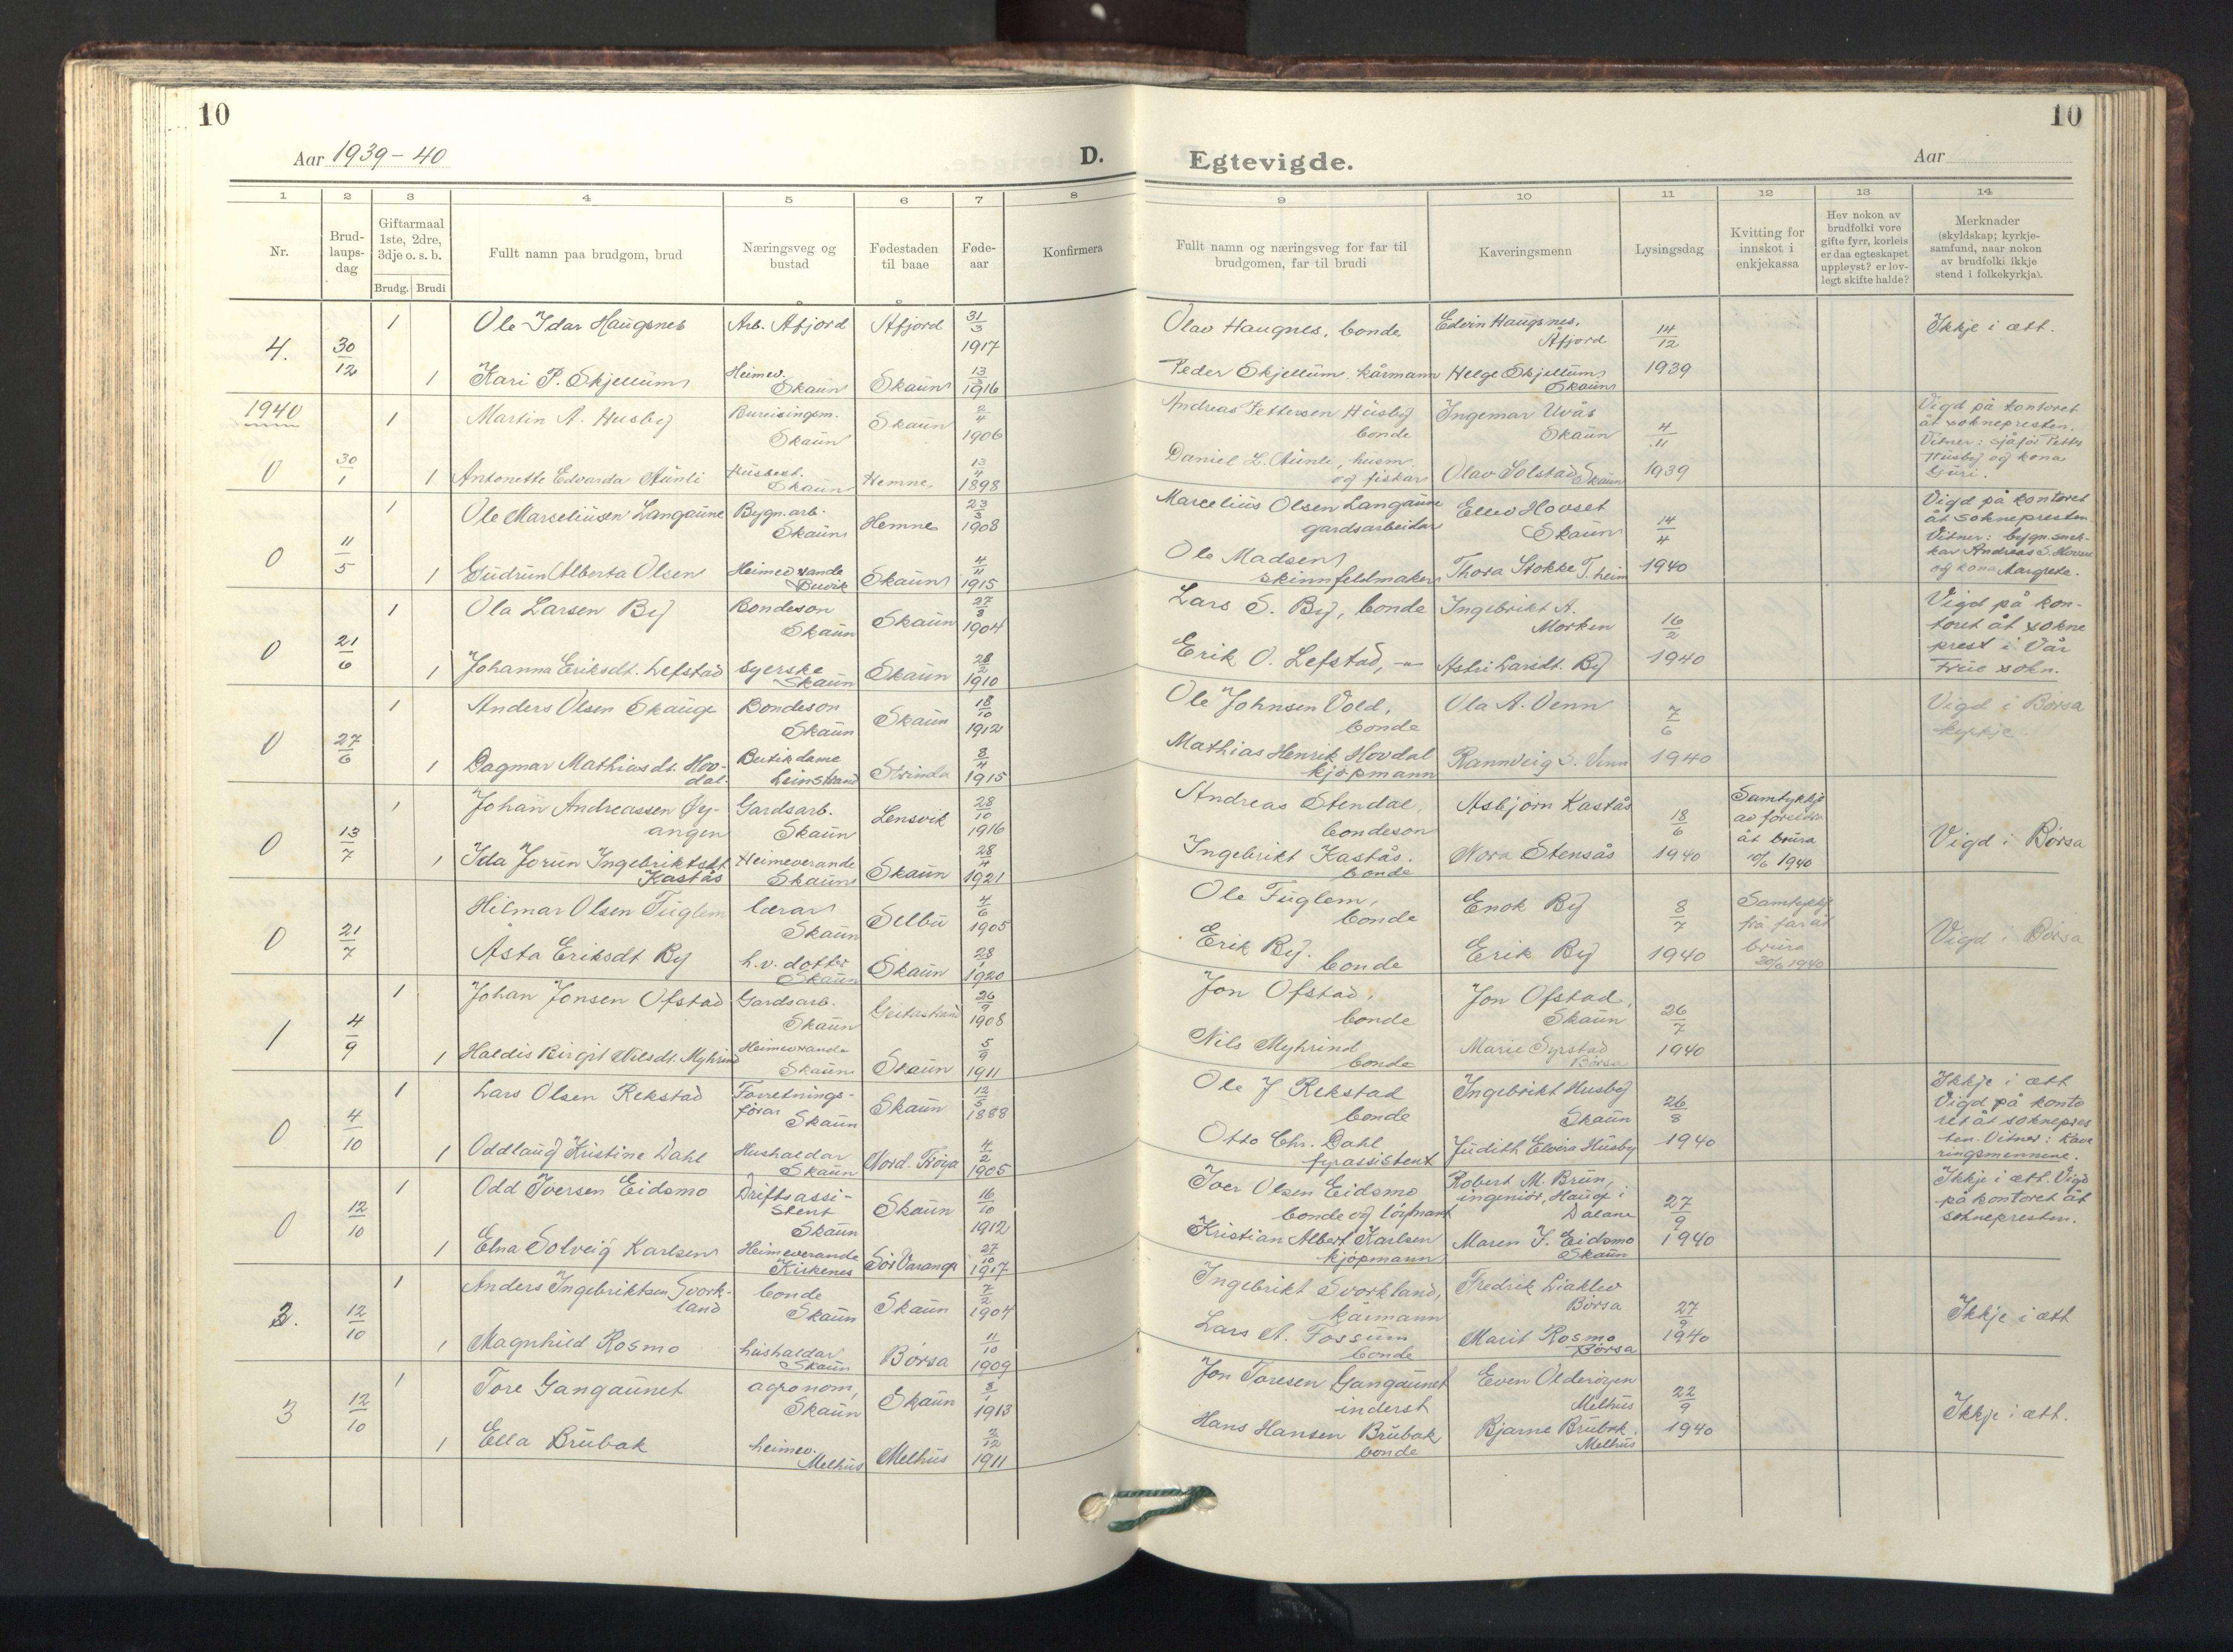 SAT, Ministerialprotokoller, klokkerbøker og fødselsregistre - Sør-Trøndelag, 667/L0799: Klokkerbok nr. 667C04, 1929-1950, s. 10